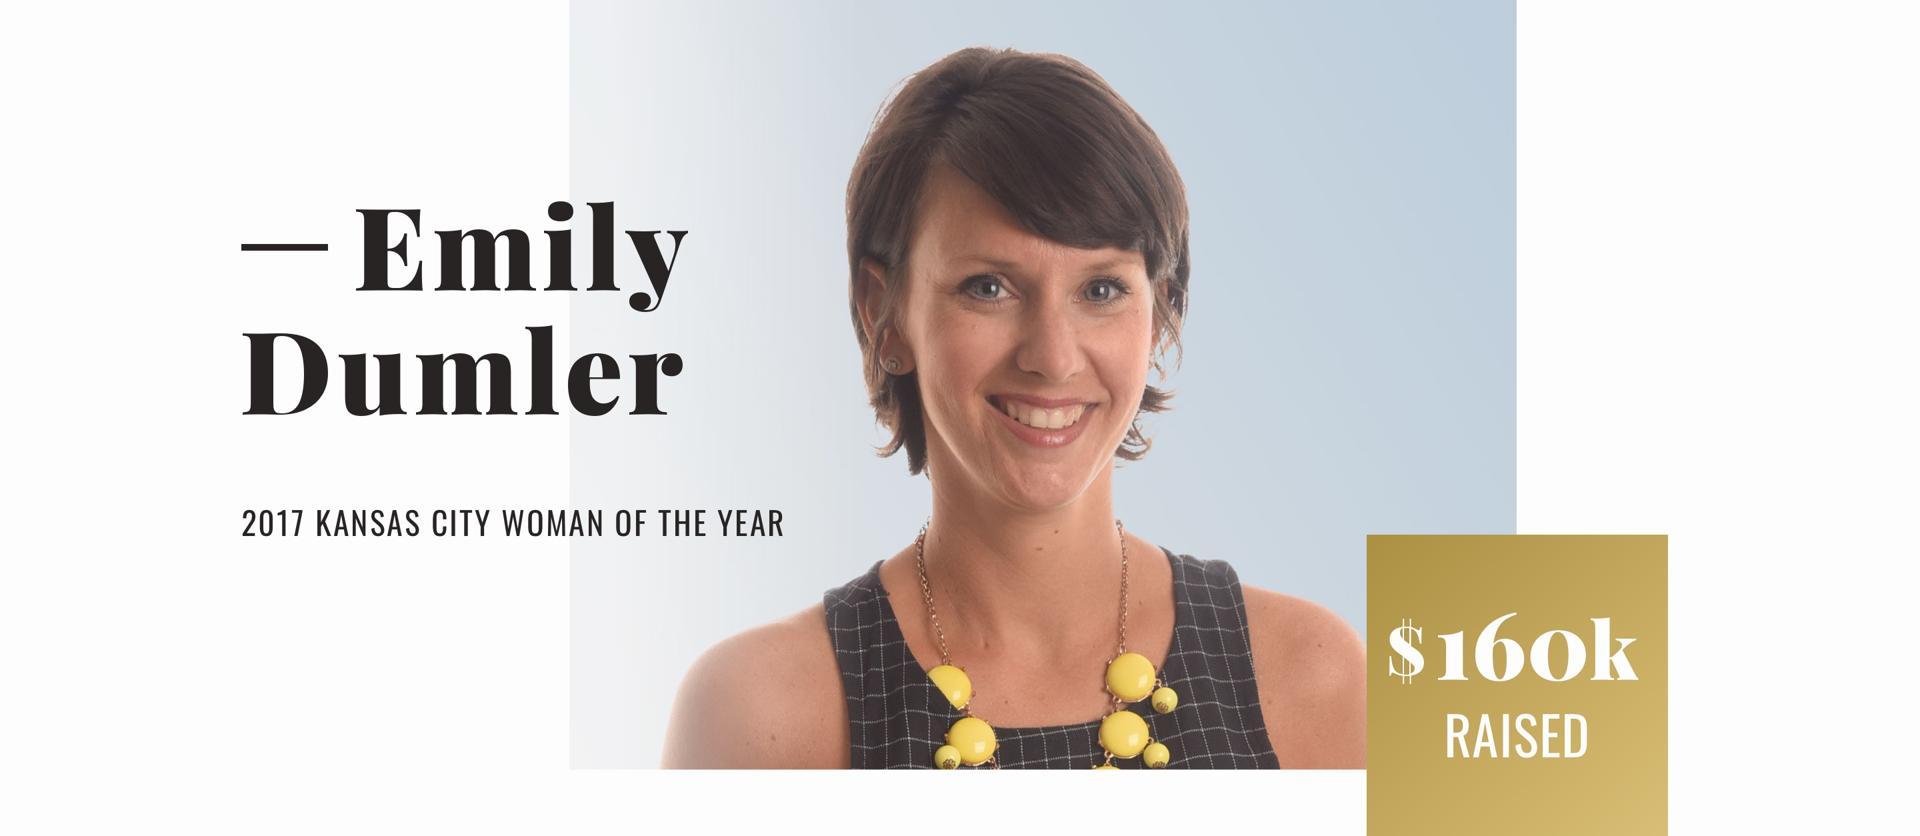 Emily Dumler, 2017 Kansas City Woman of the Year, $160K Raised